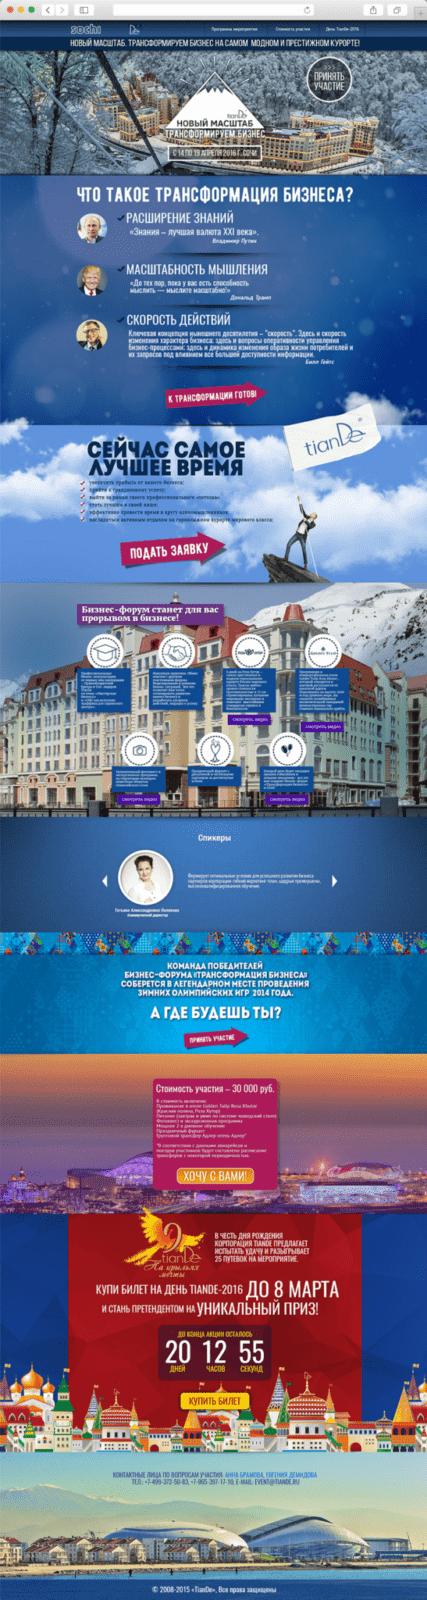 Создание дизайна Landing Page «Трансформация бизнеса»